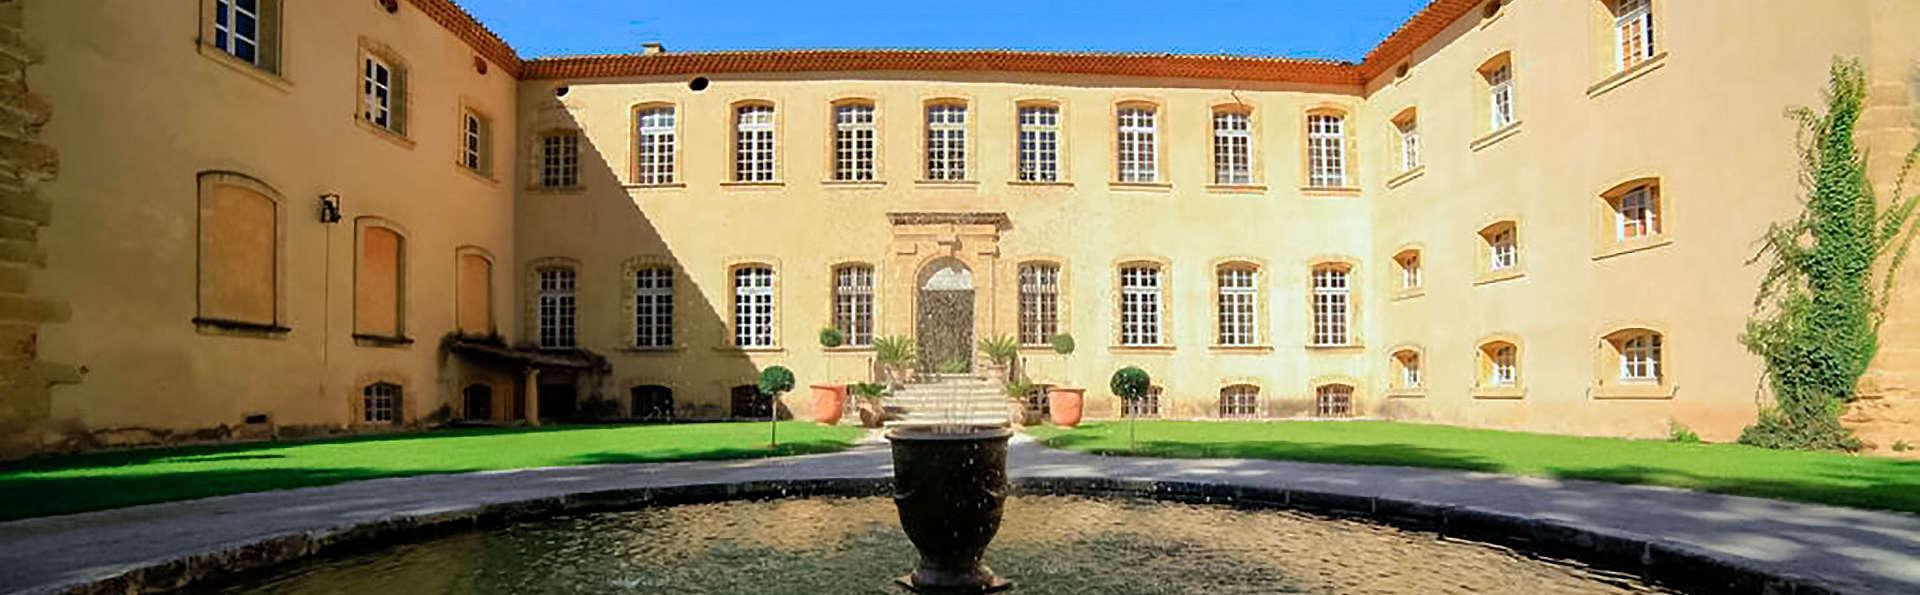 Chateau de la Pioline - EDIT_FRONT_01.jpg